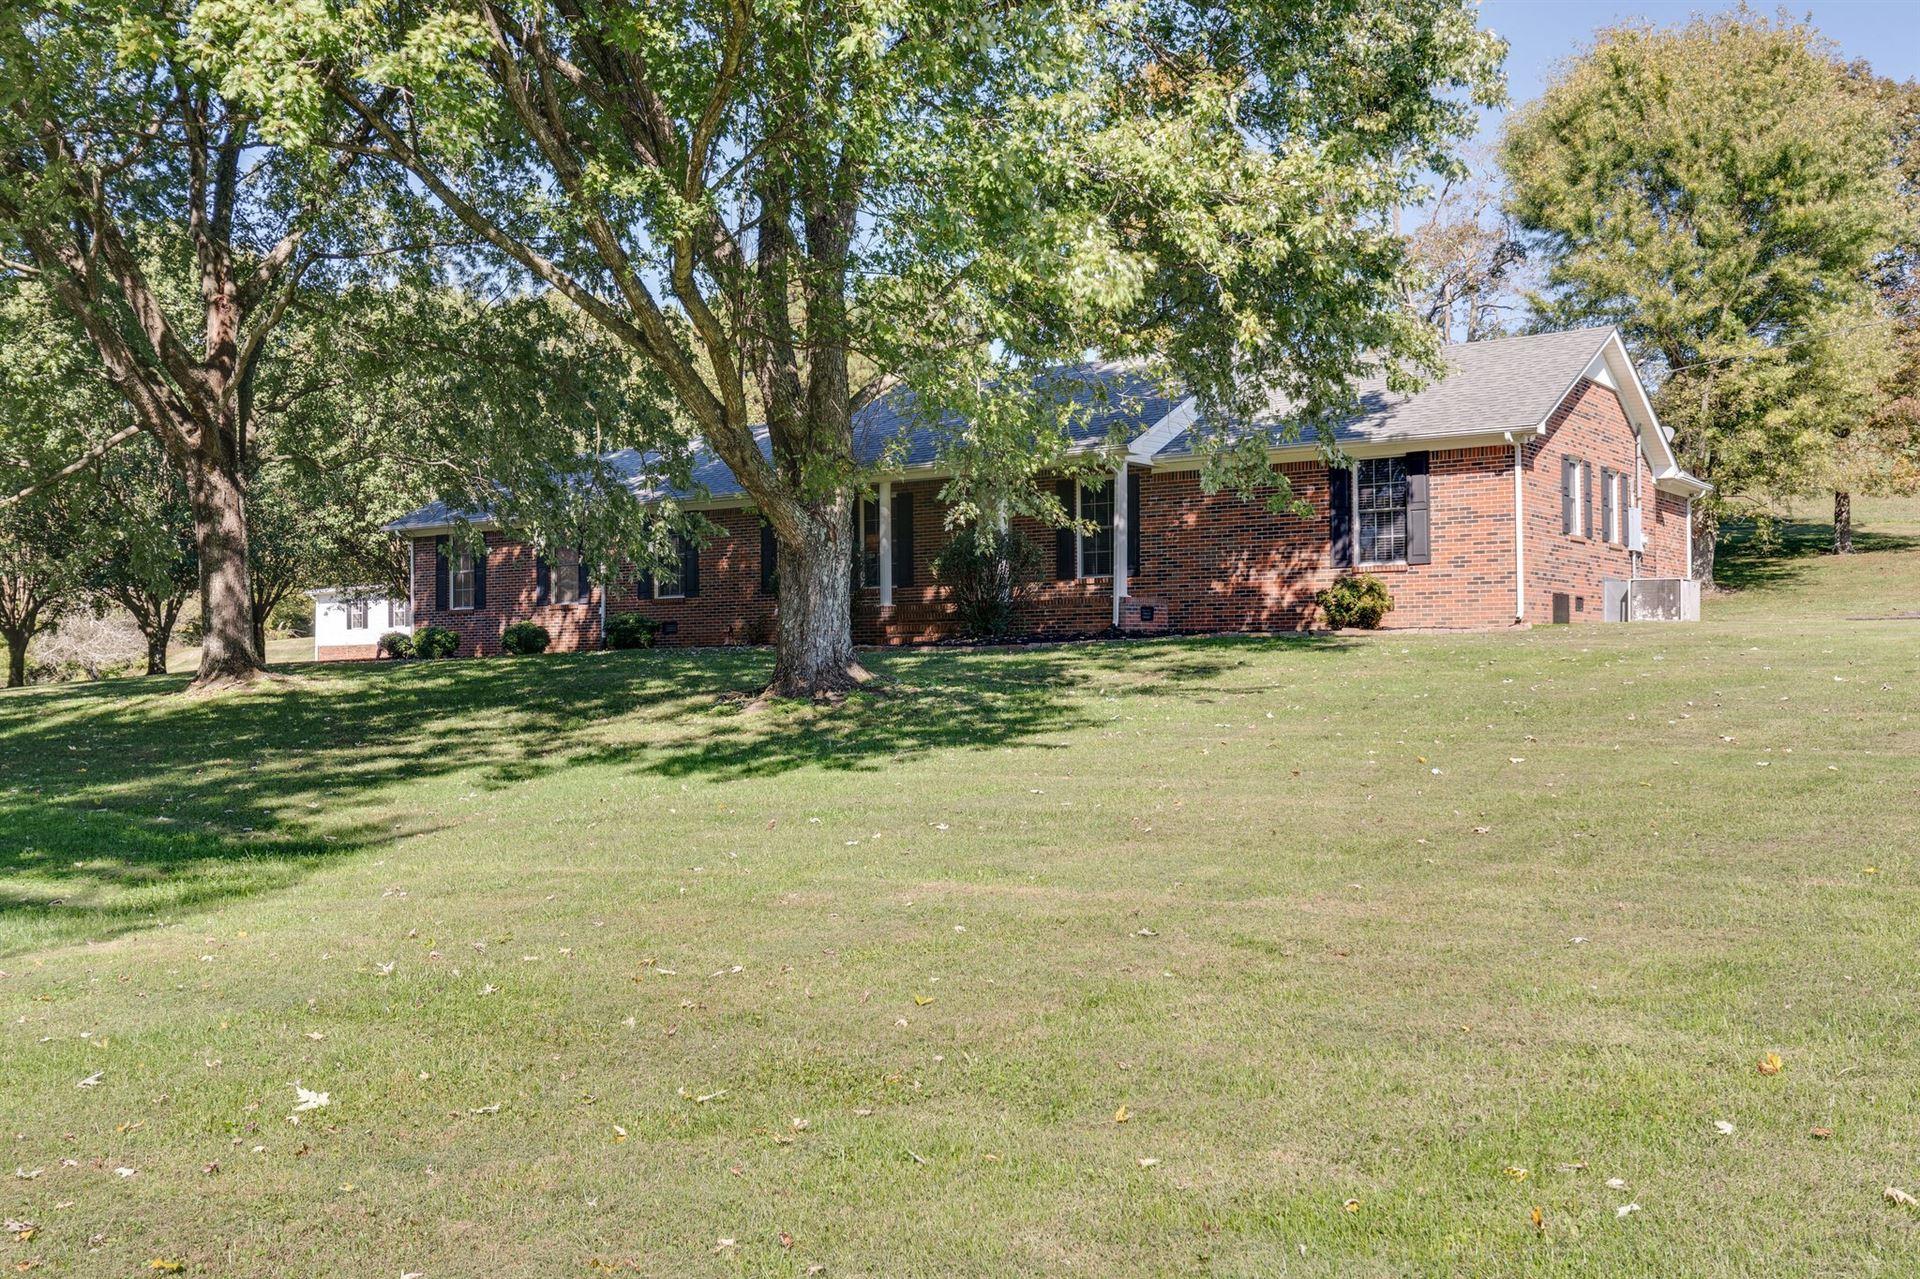 4109 Scott Hollow Rd, Culleoka, TN 38451 - MLS#: 2201174